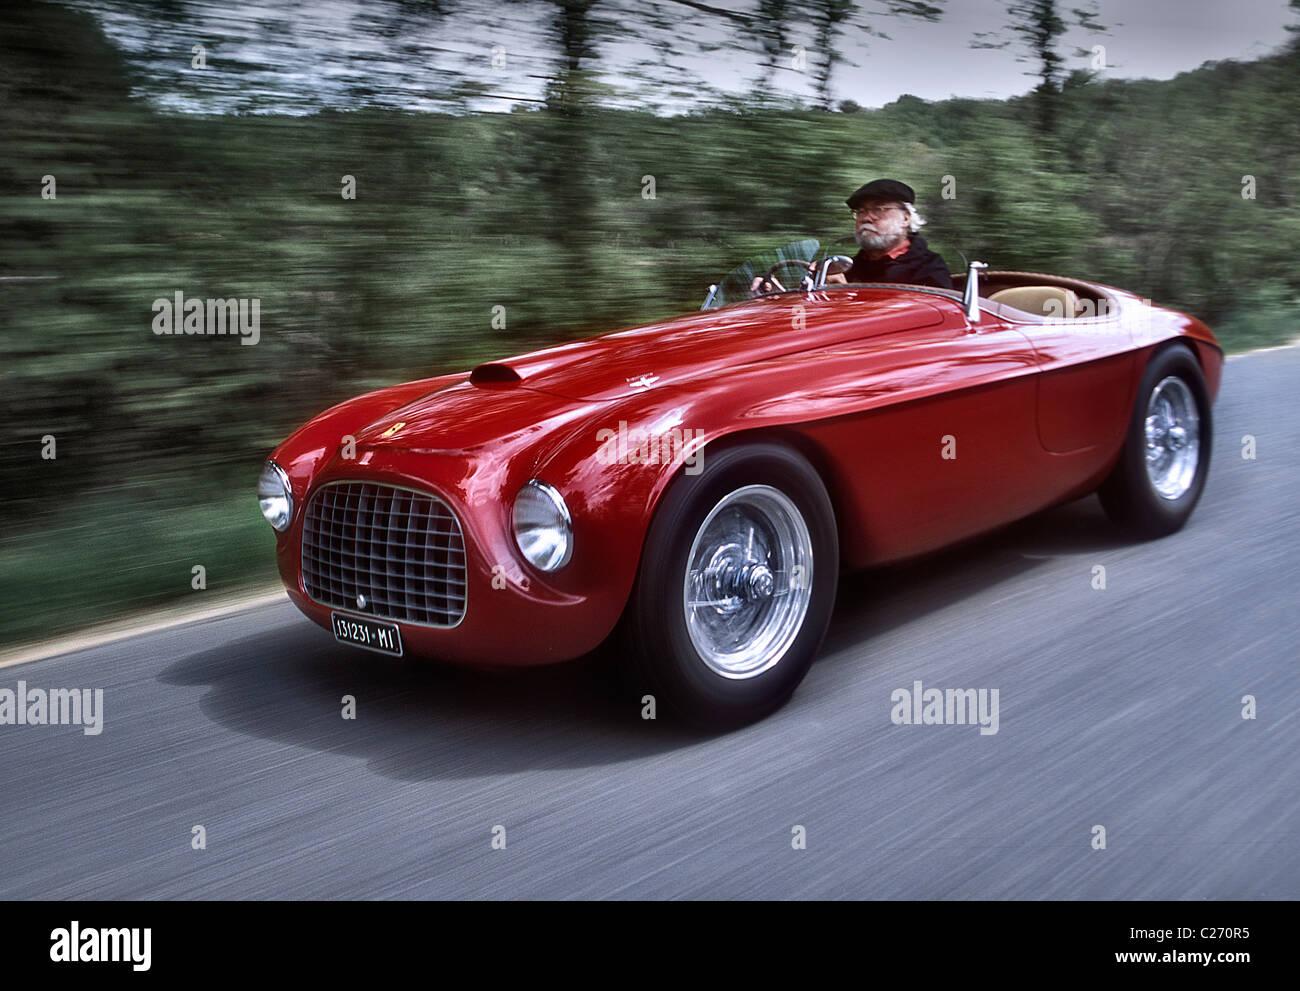 David E Davie Jr Mit Einem Ferrari 166 Mm Barchetta Von Touring 1949 Stockfotografie Alamy